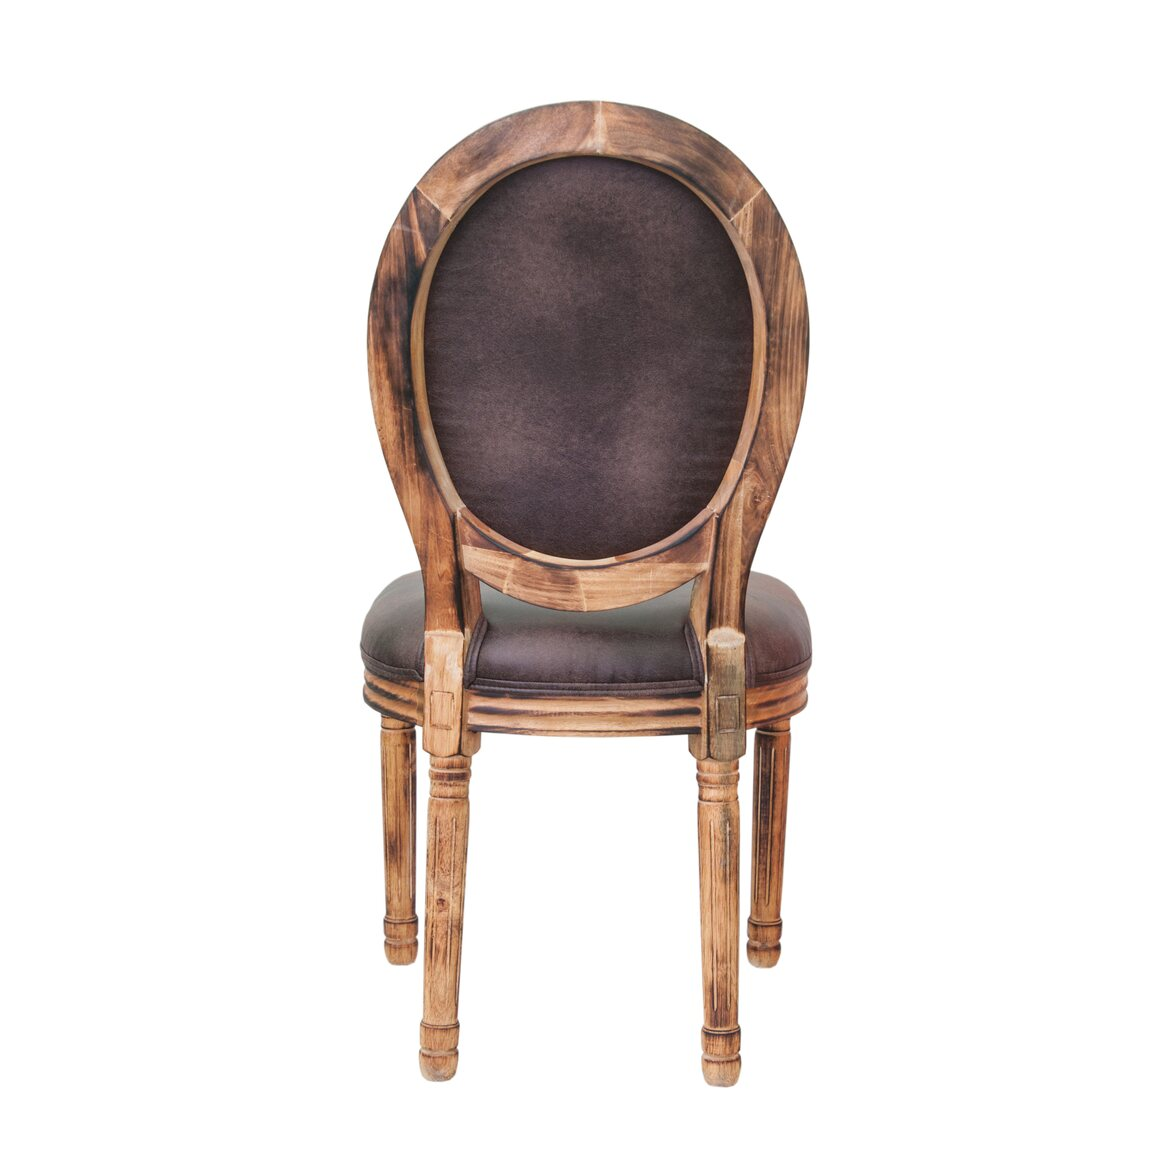 Стул Volker fired brown 3 | Обеденные стулья Kingsby